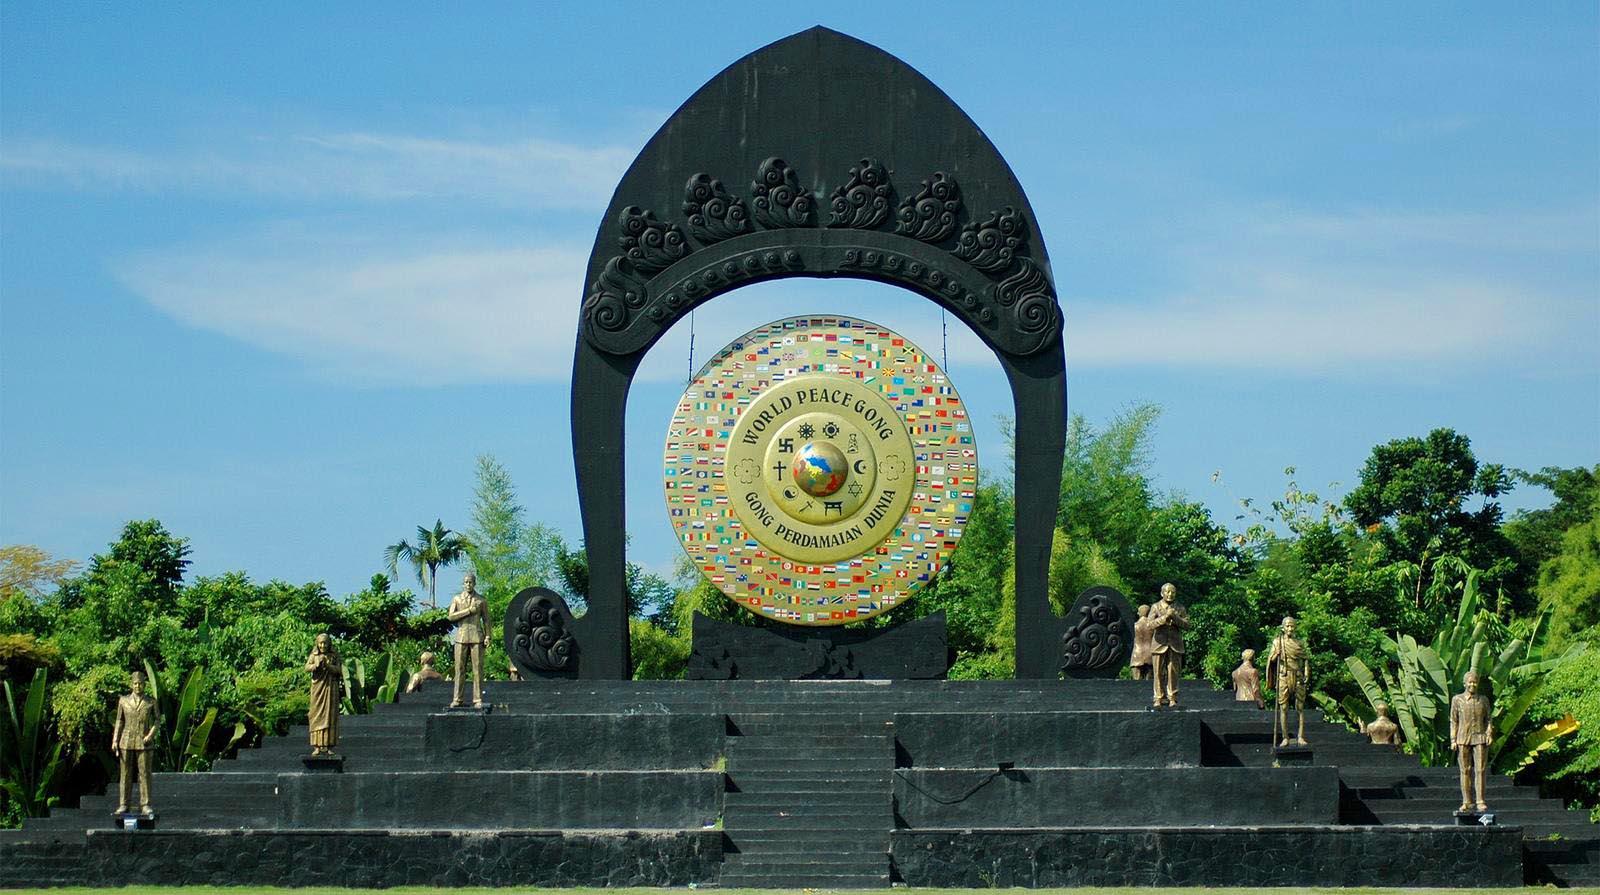 tempat-wisata-denpasar-timur-taman-gong-perdamaian-kertalangu